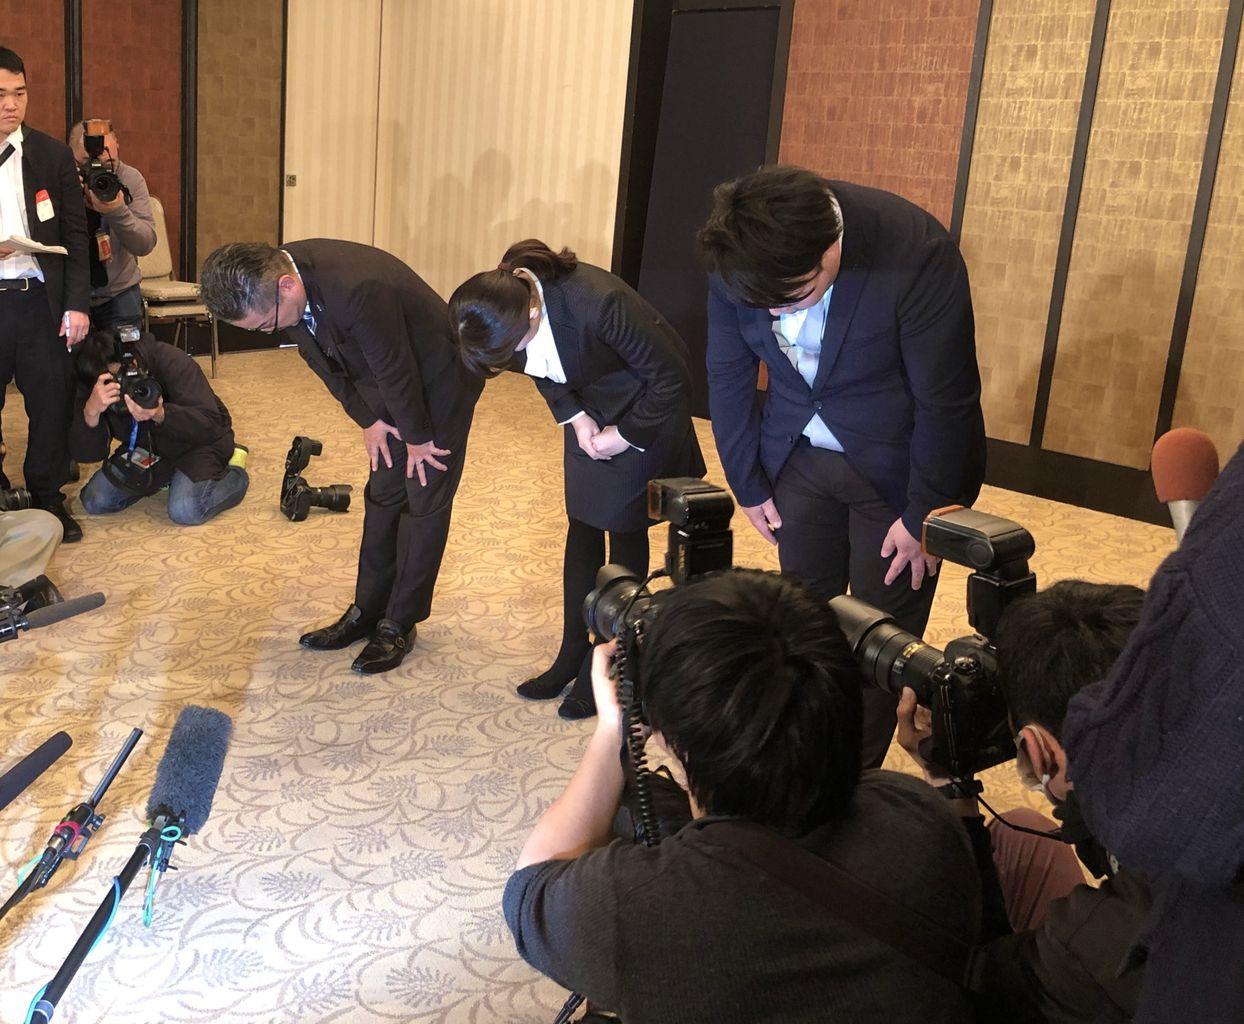 【山口真帆暴行事件】NGT48 荻野由佳 他2名が不問祝い大阪旅行wwwww